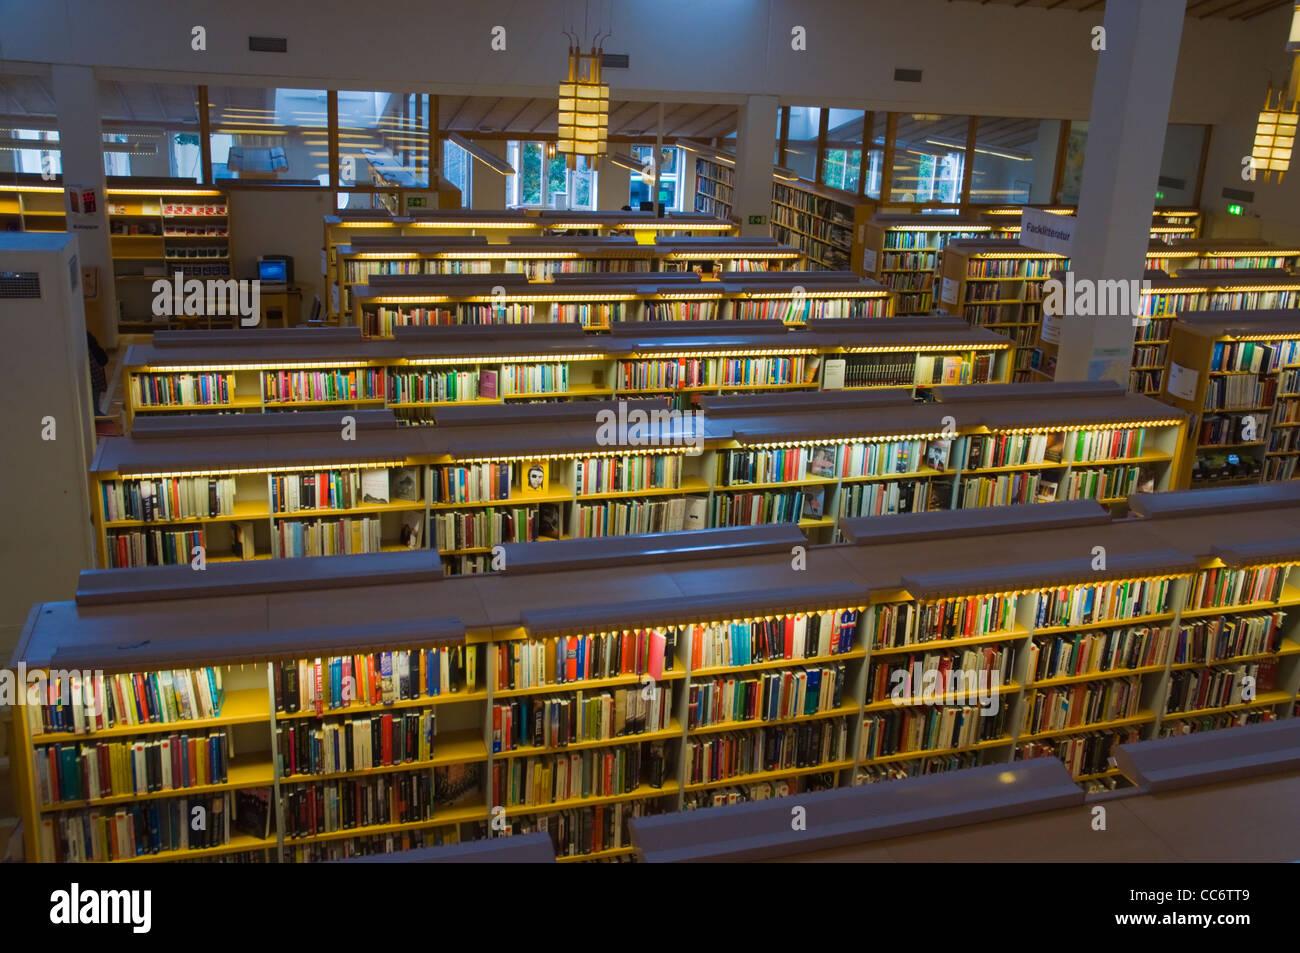 Bibliothèque principale de la ville d'Uppsala Suède Europe province Svealand Banque D'Images